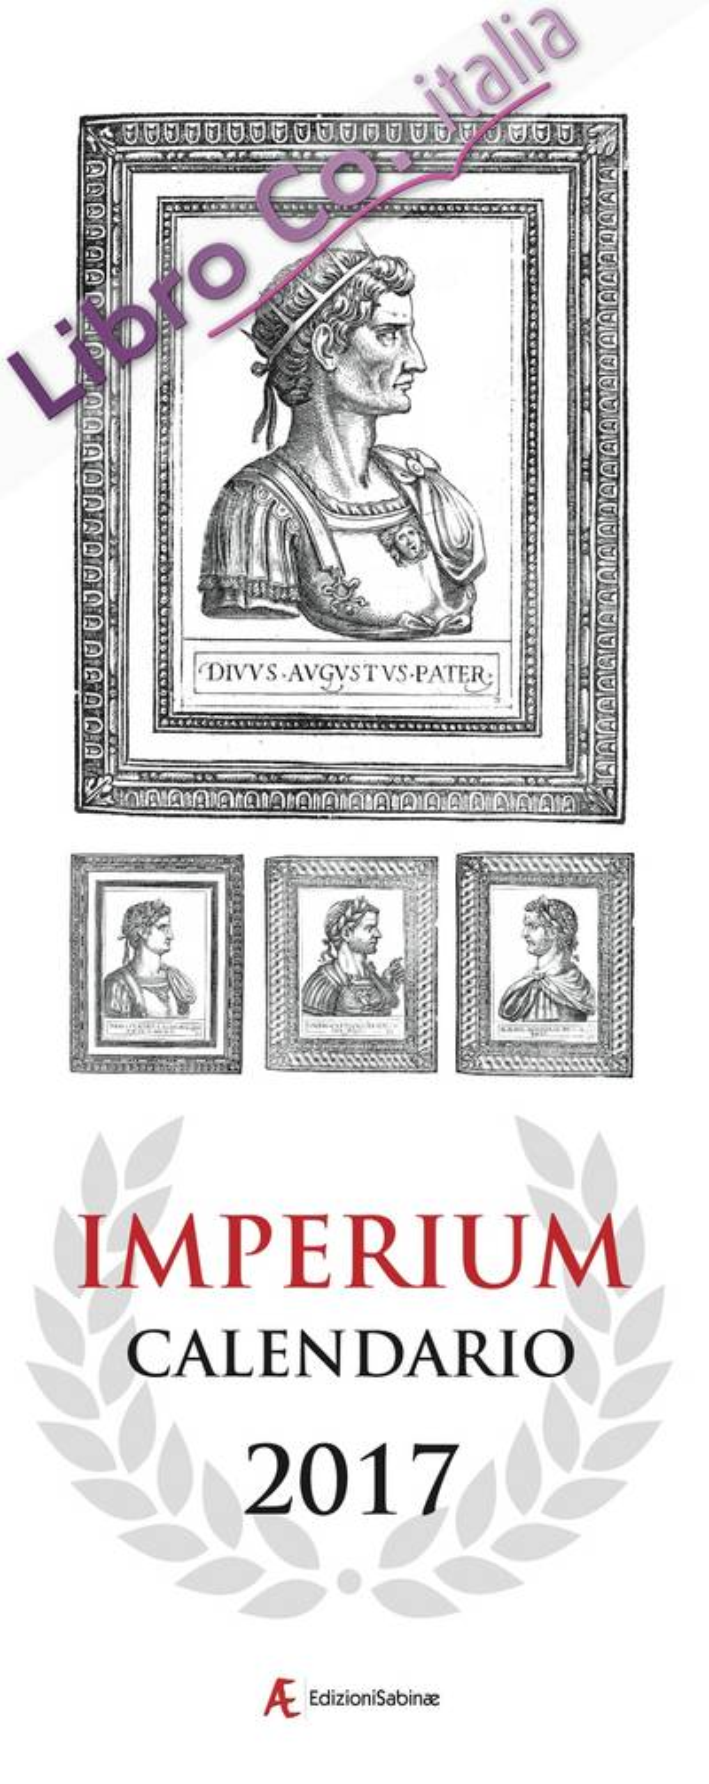 Calendario 2017 Imperium. 12 Mesi-12 Imperatori Romani. Ediz. Italiana e Inglese.